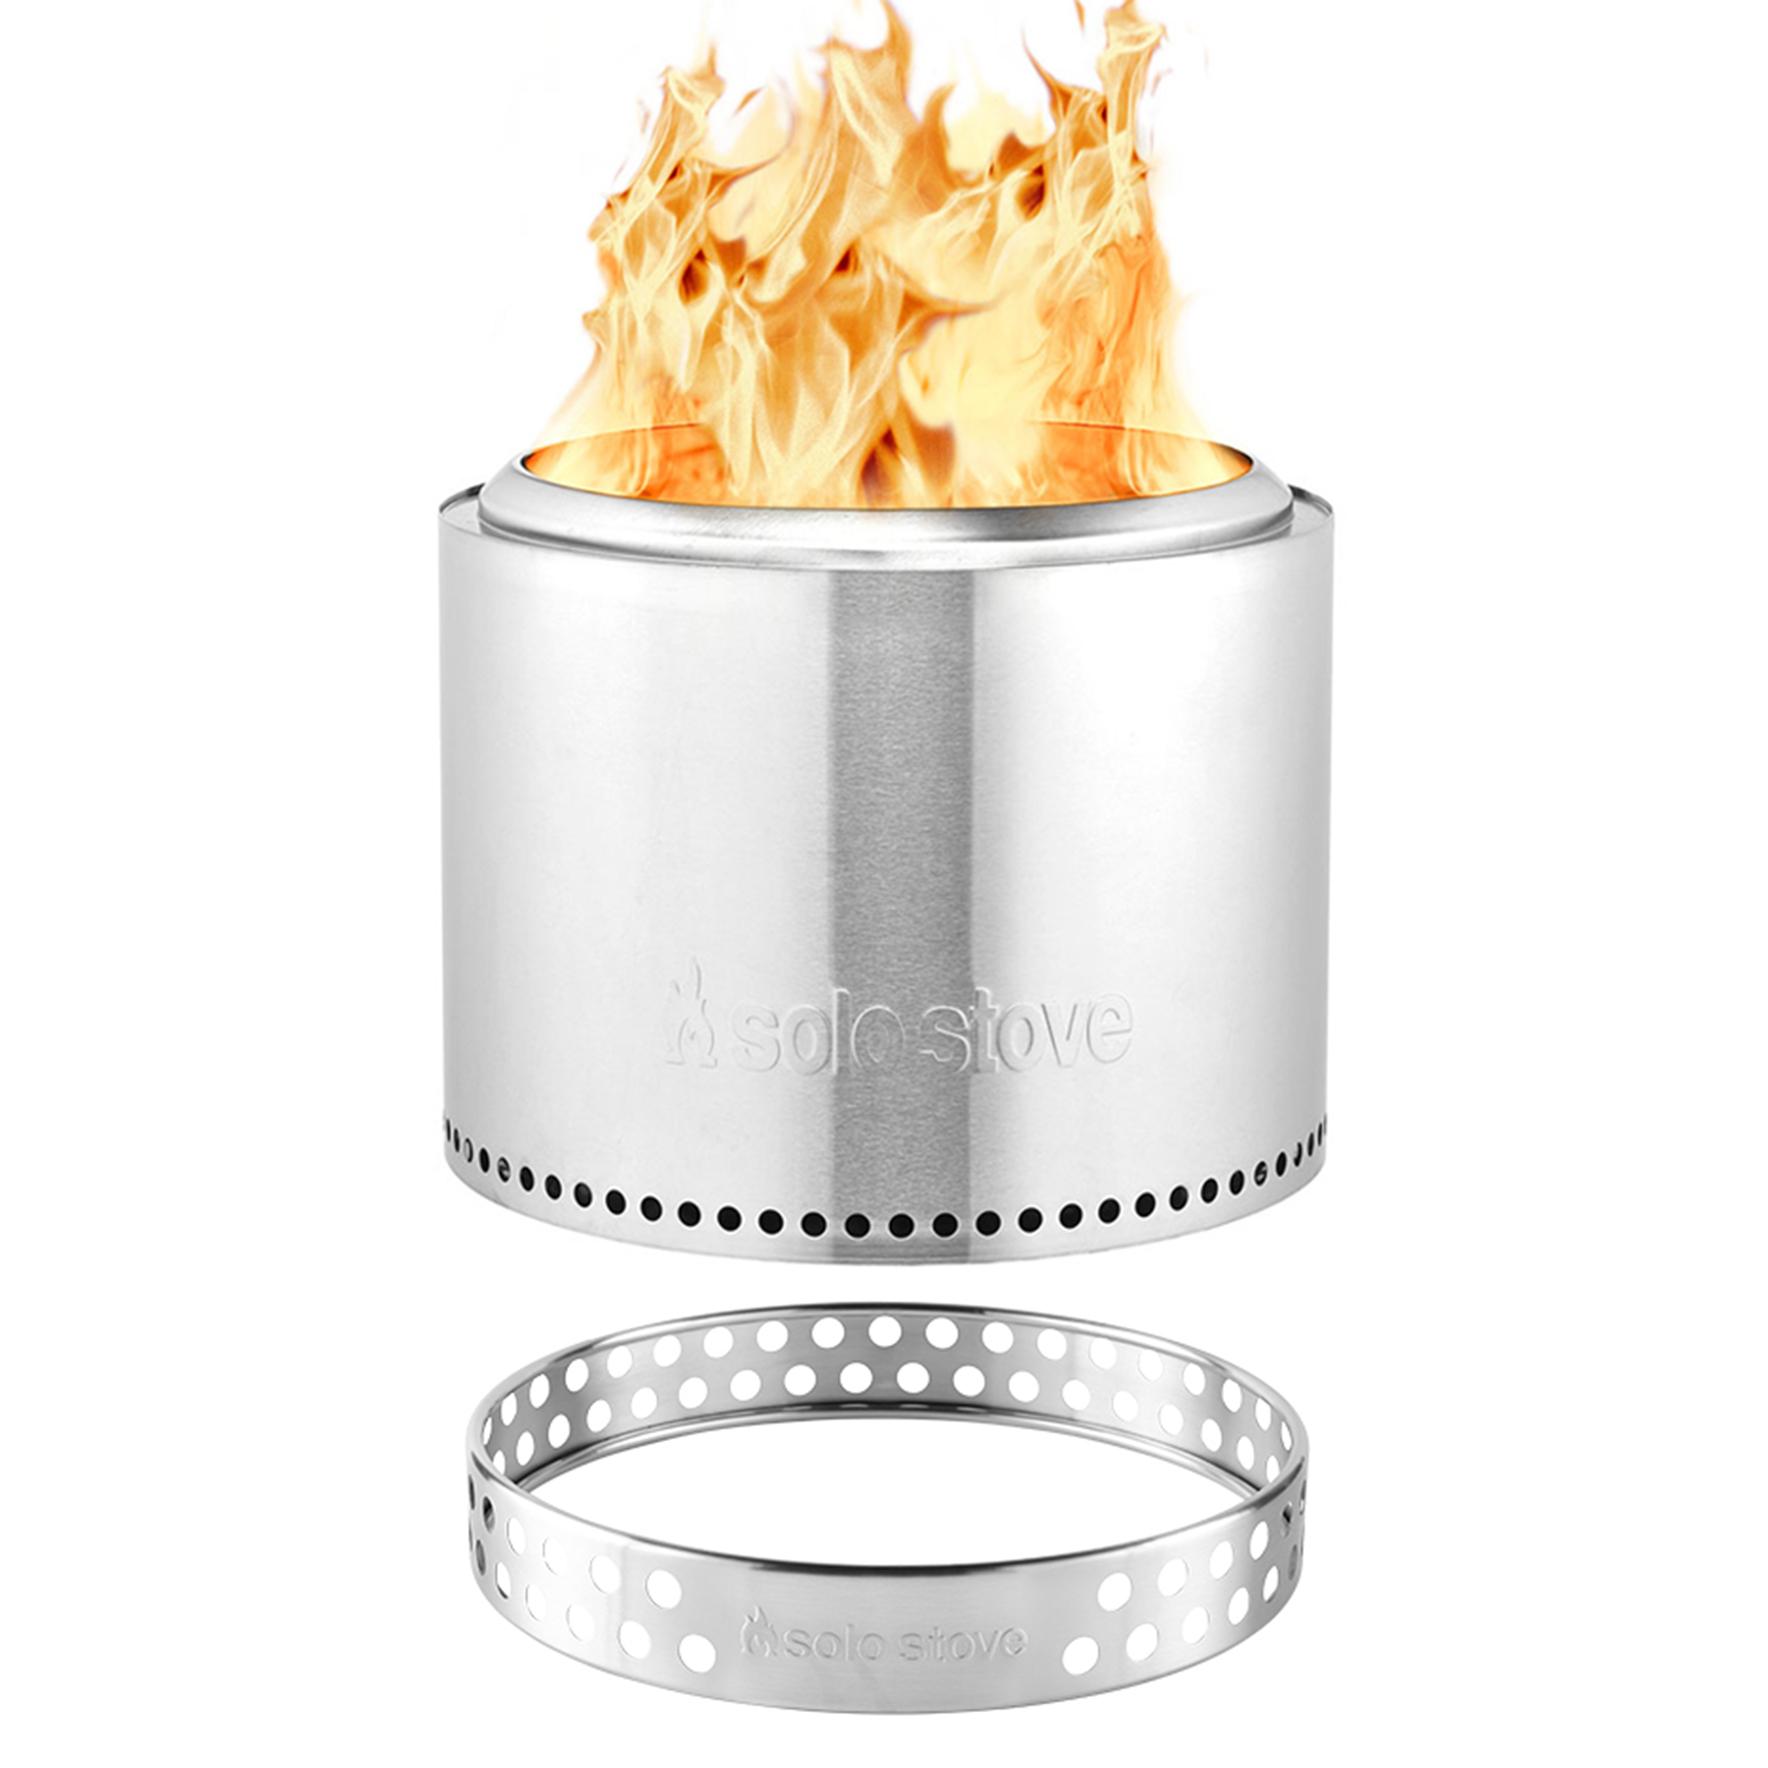 solo stove bonfire kit